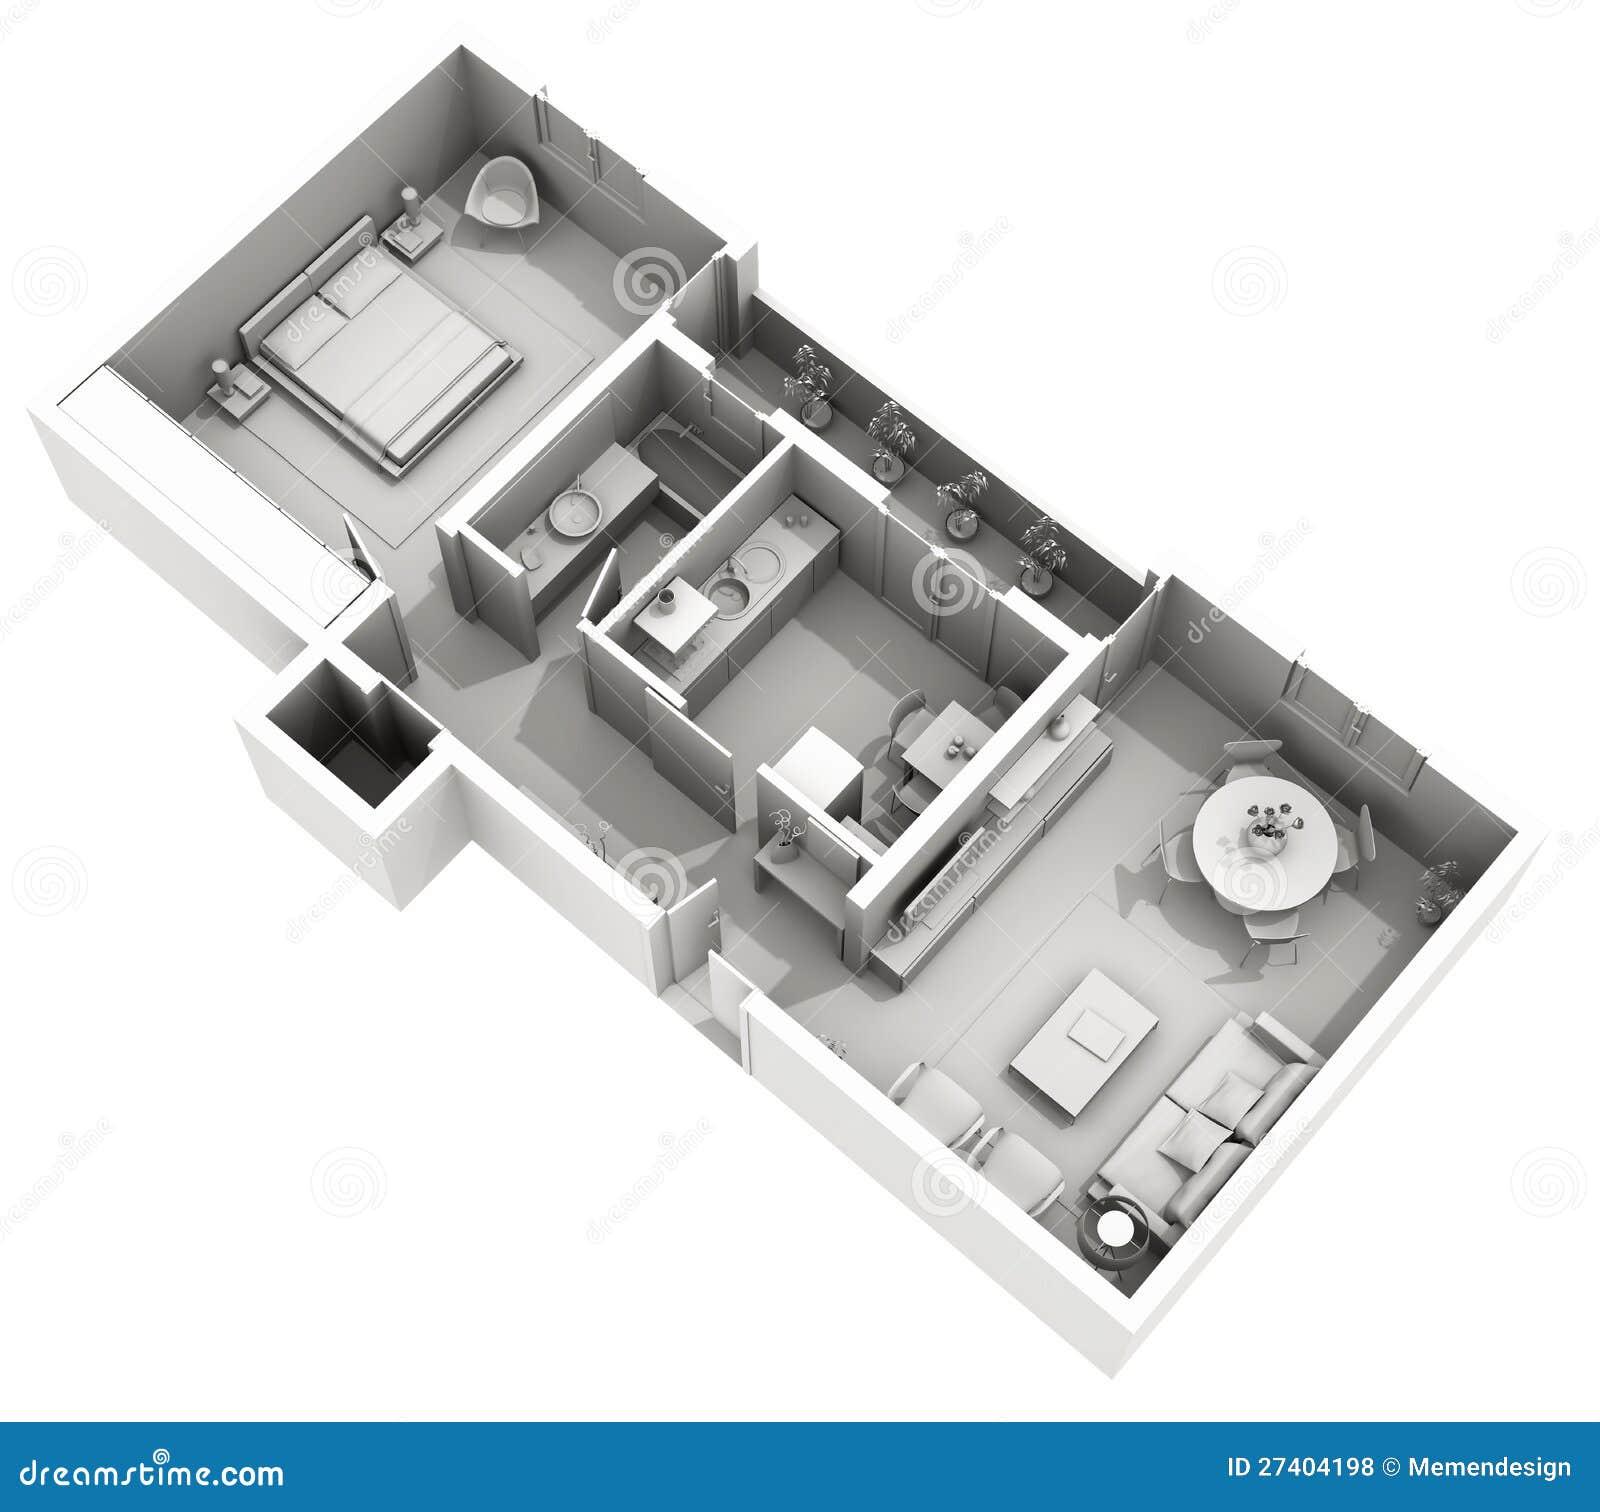 135 Innenarchitektur Haus Bilder - innenarchitektur sch nes haus mit ...